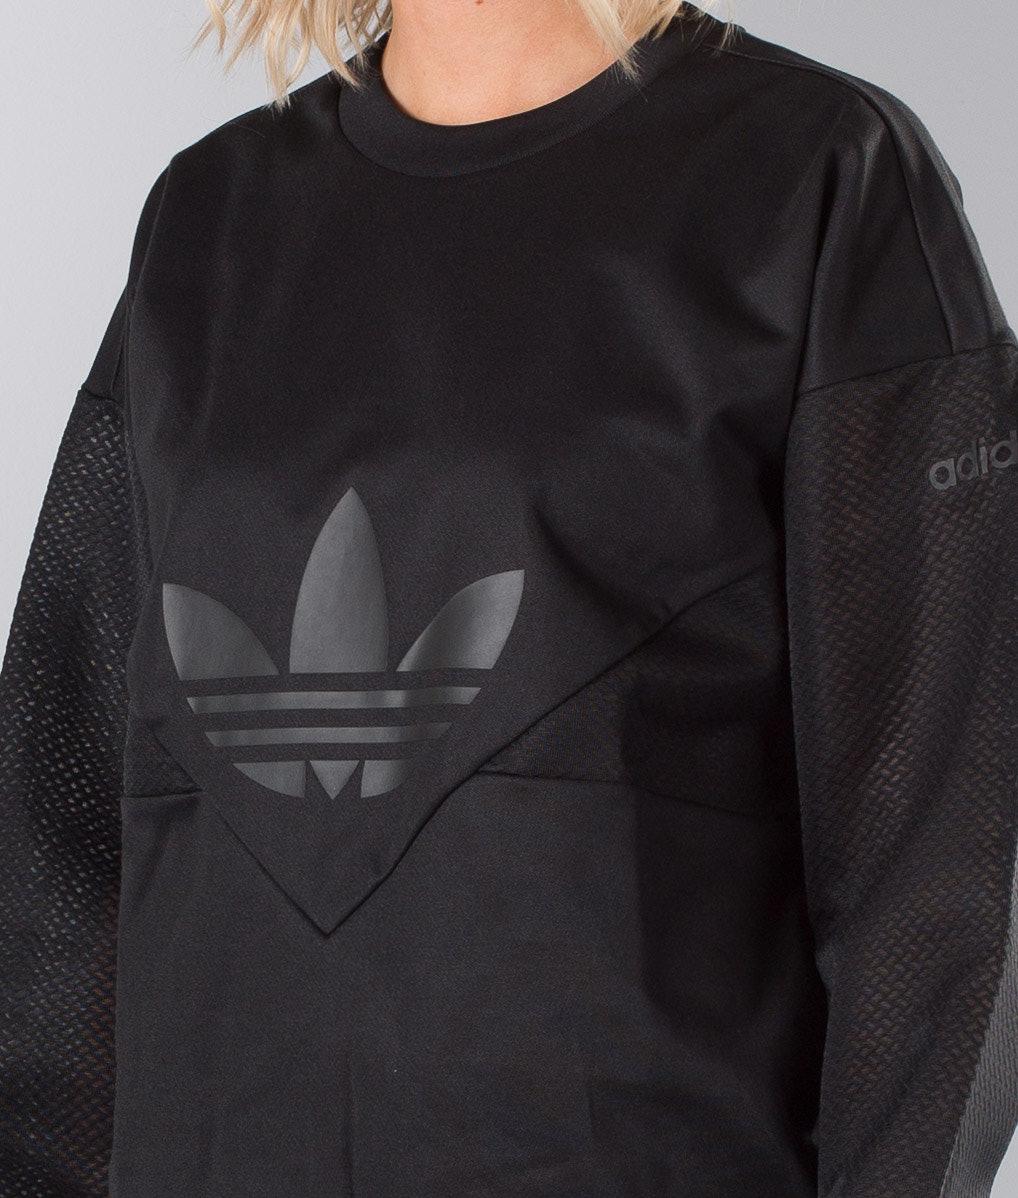 60f2a25798 Adidas Originals Clrdo Sweater Black - Ridestore.com